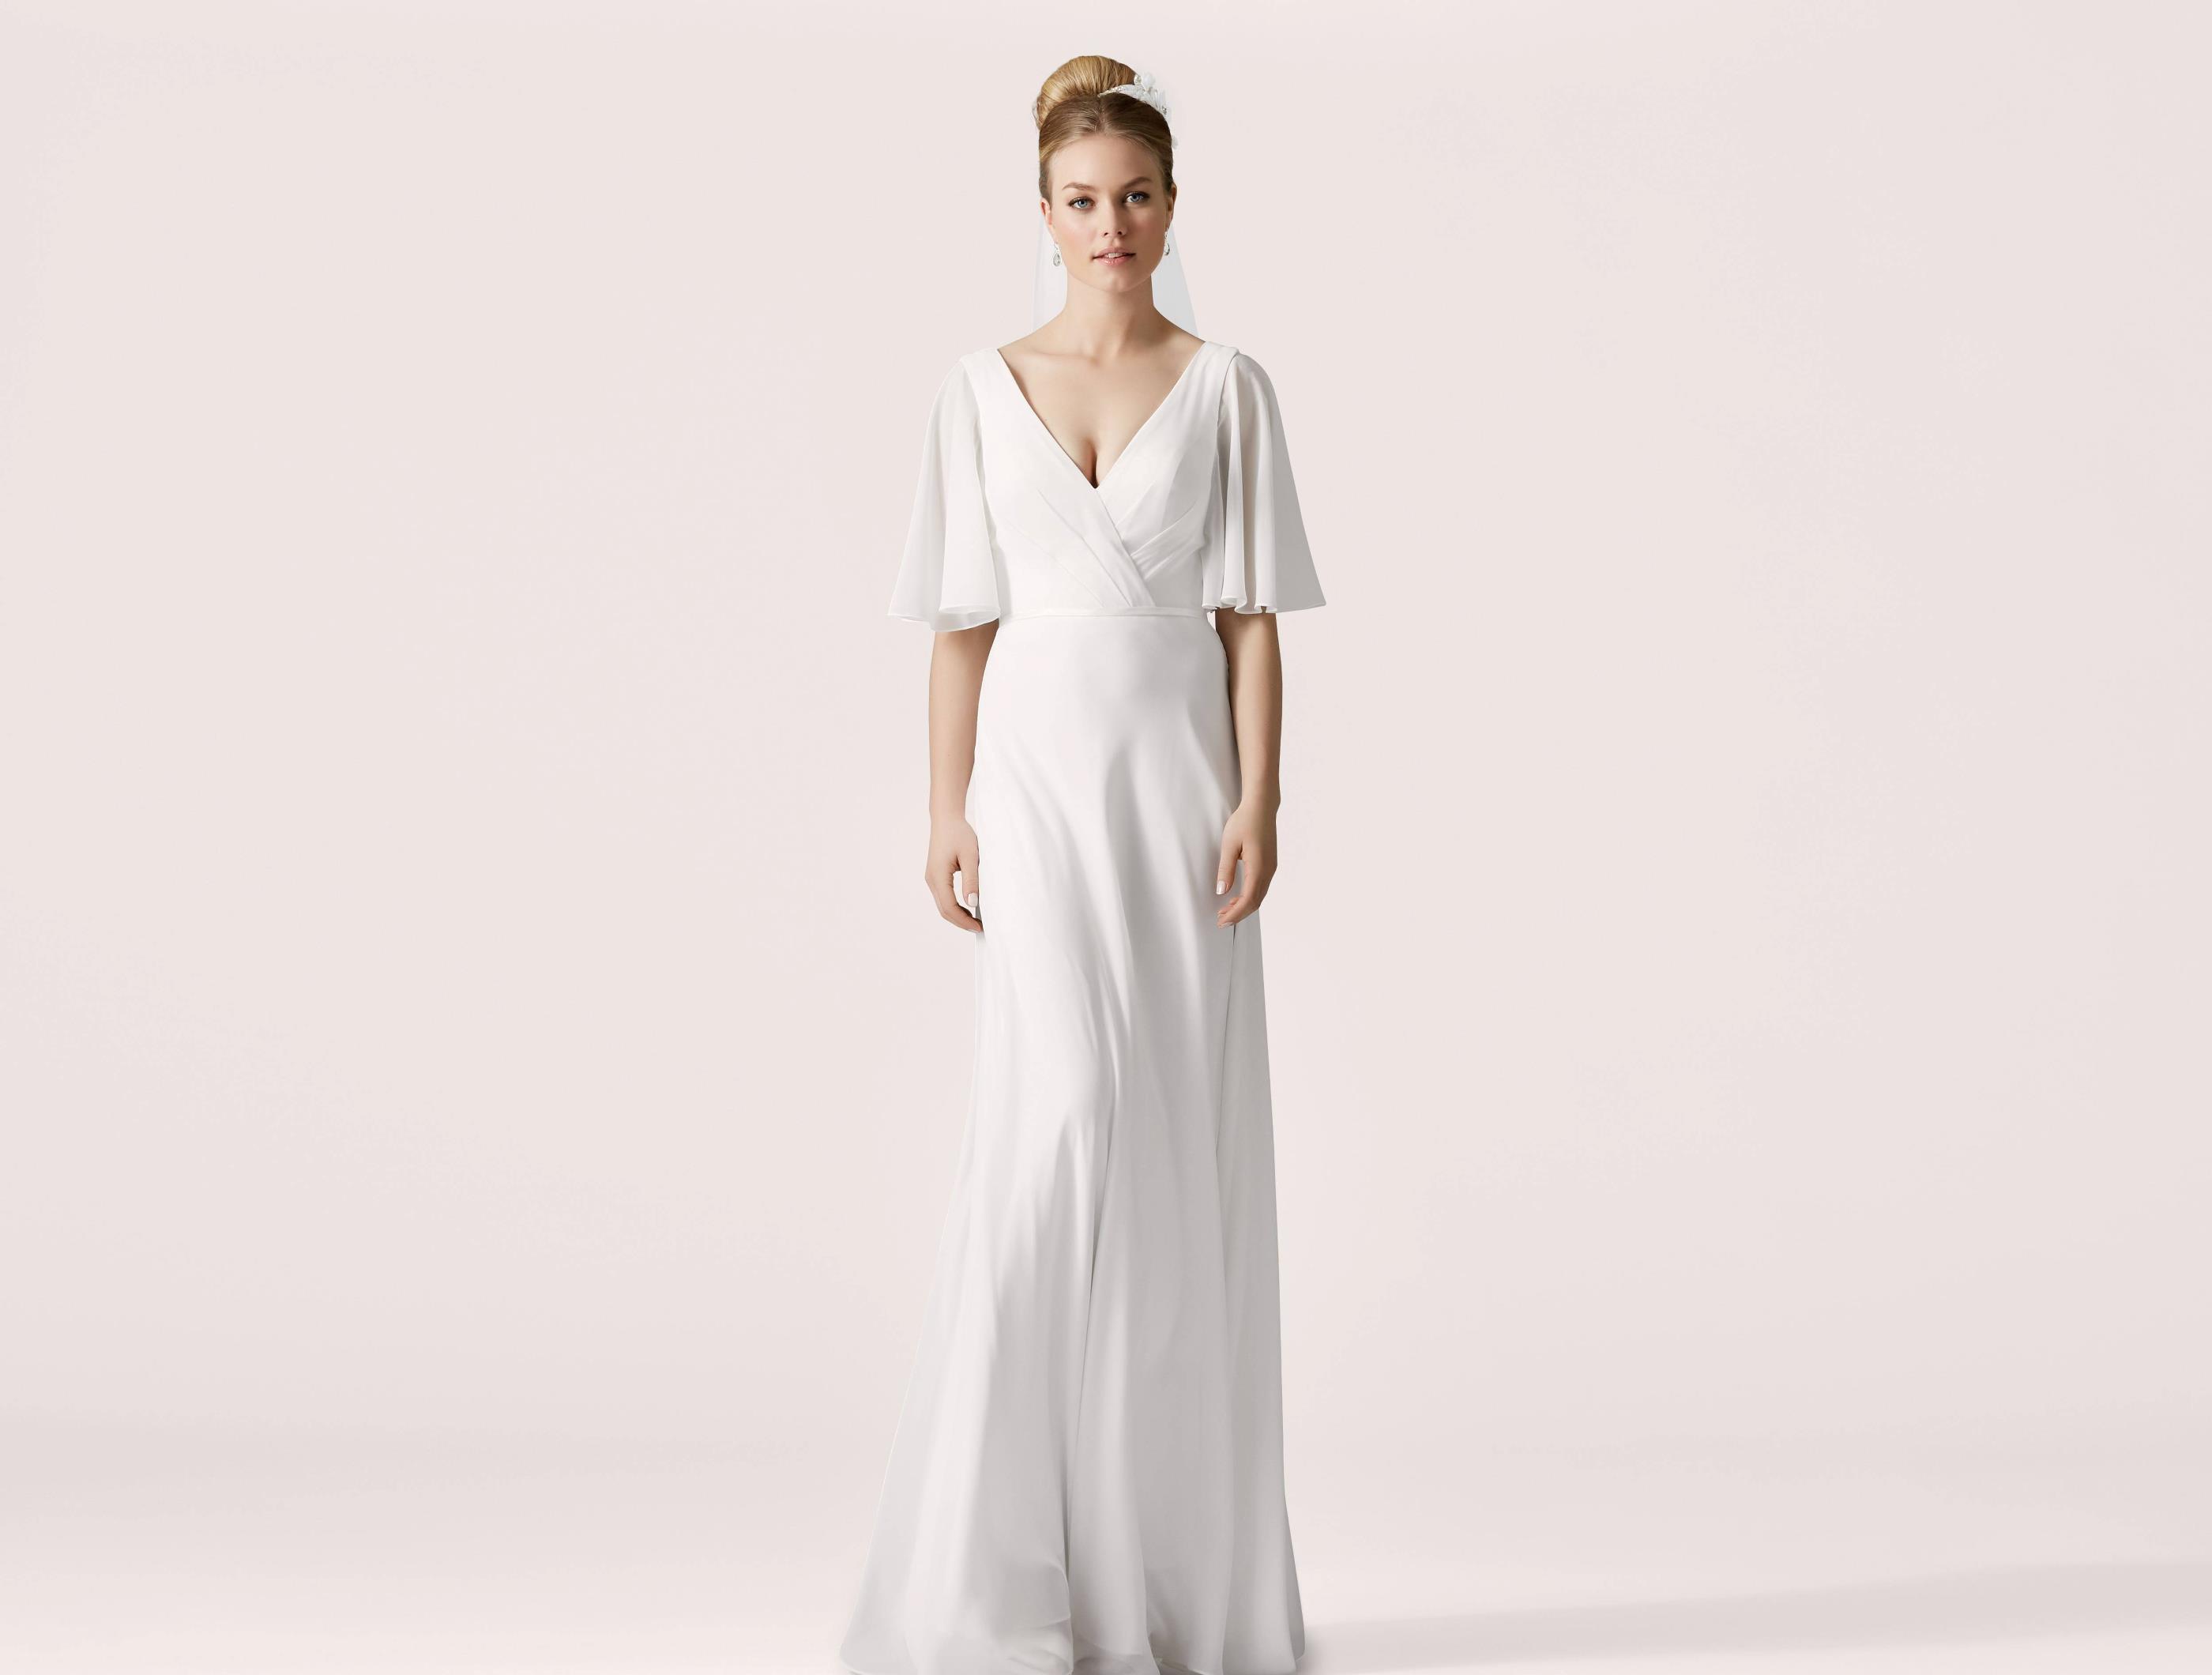 27555c74015c Brudklänning Från Lilly Leveranstid kan variera mellan 1-14 veckor Kontakta  oss gärna om du